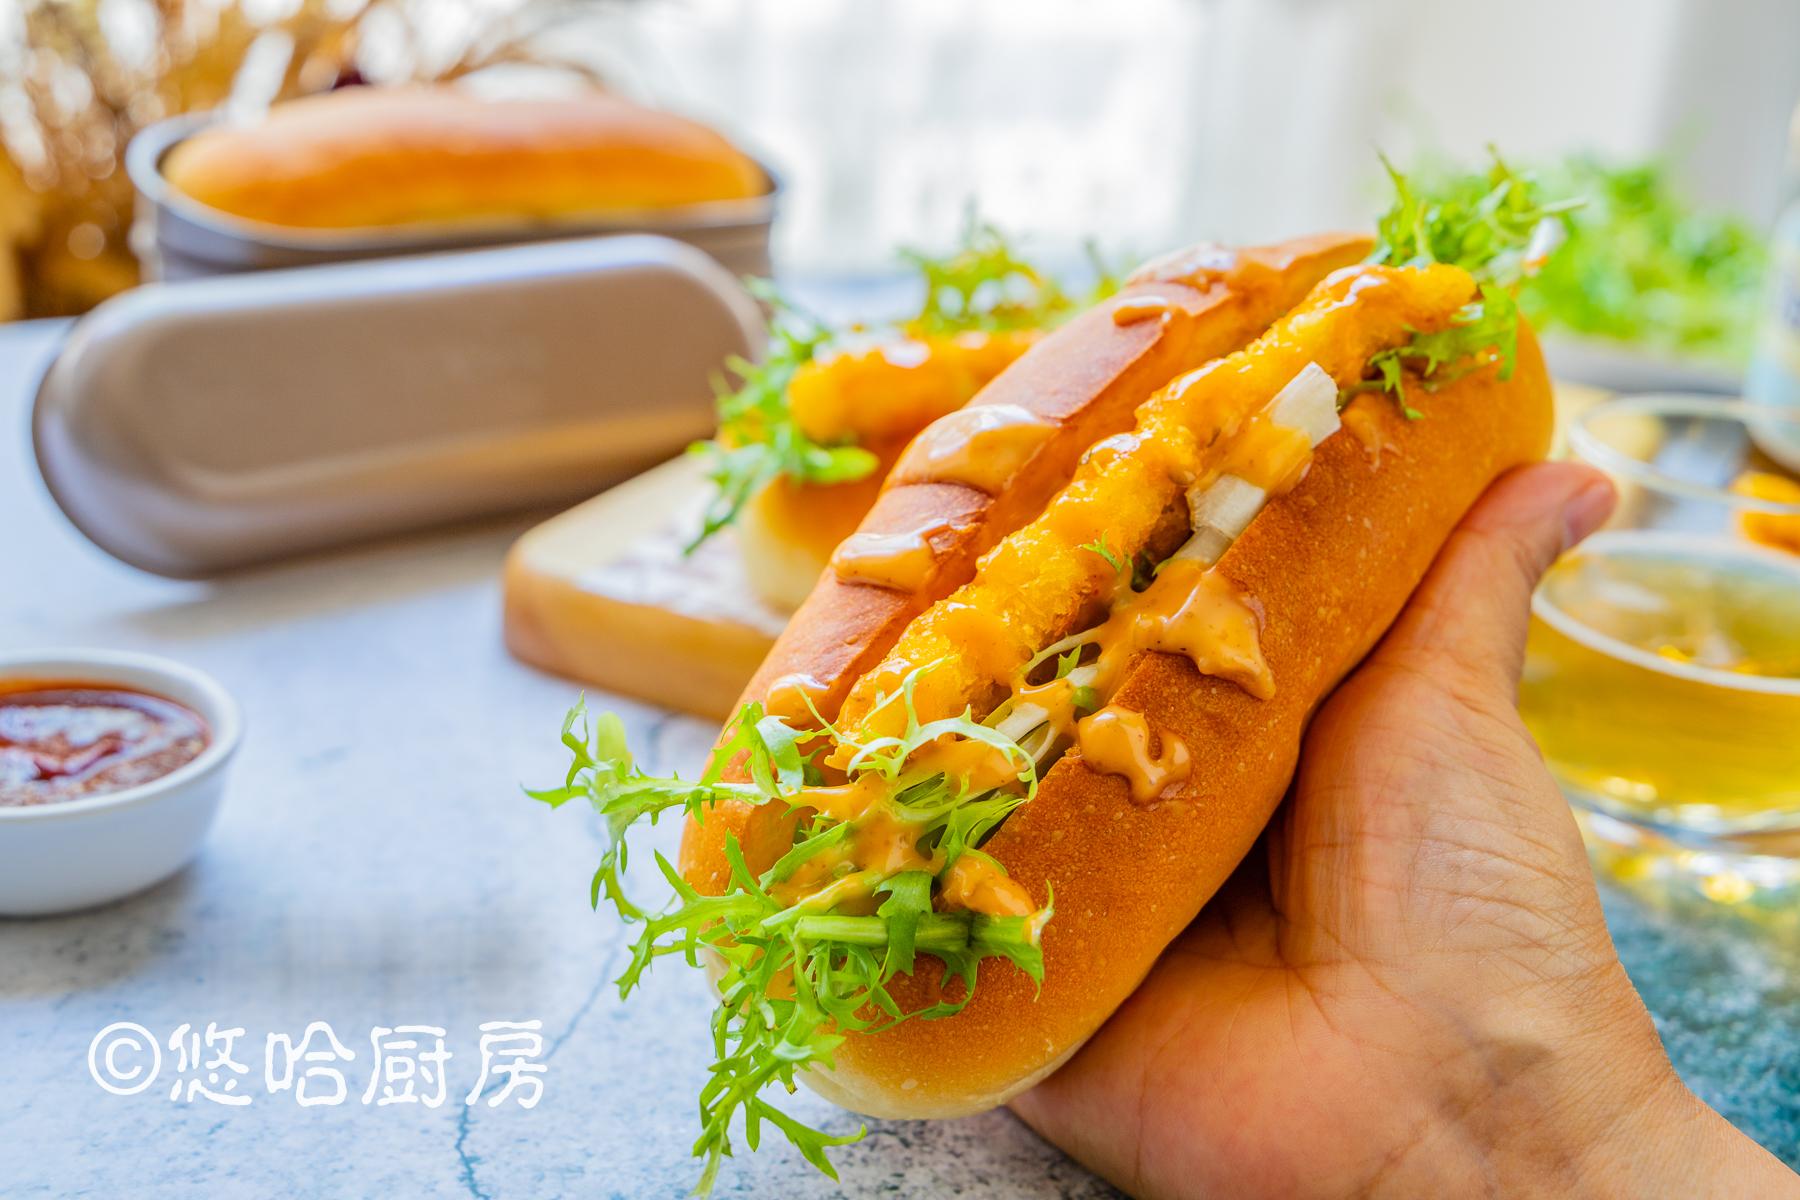 天热,别总吃豆腐和蔬菜,多吃肉才有力气过伏天,早餐吃它,真香